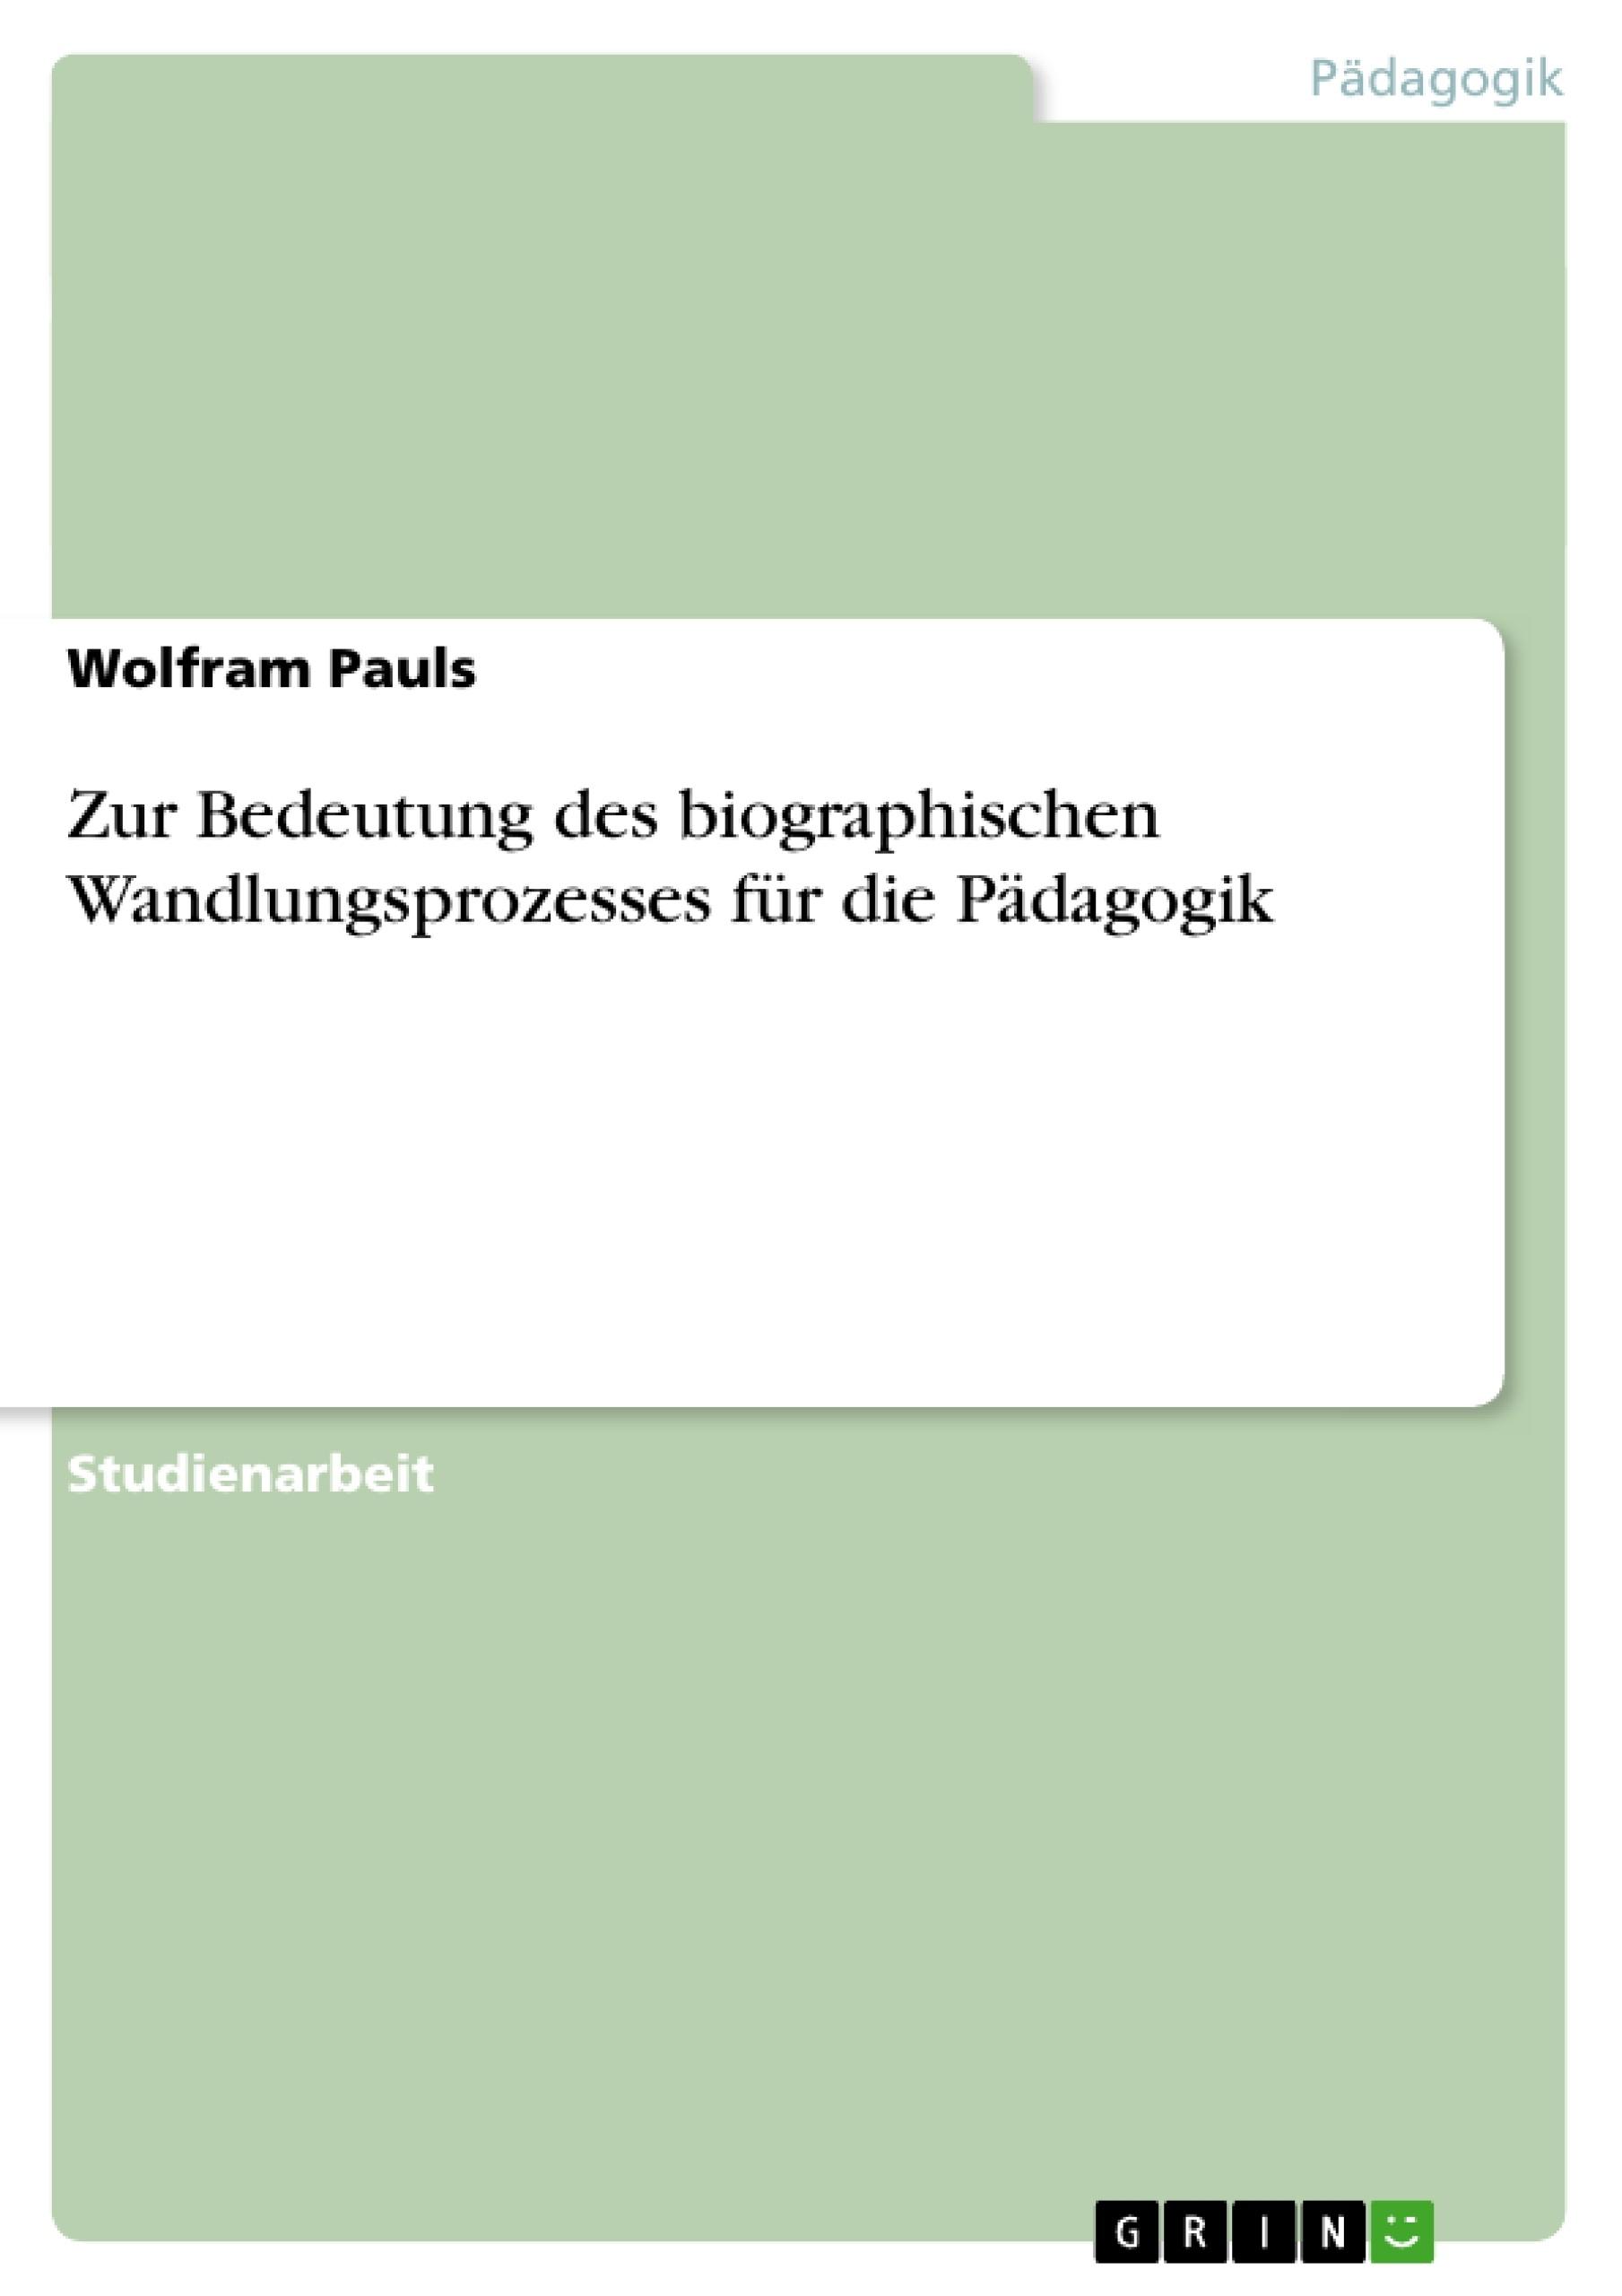 Titel: Zur Bedeutung des biographischen Wandlungsprozesses für die Pädagogik